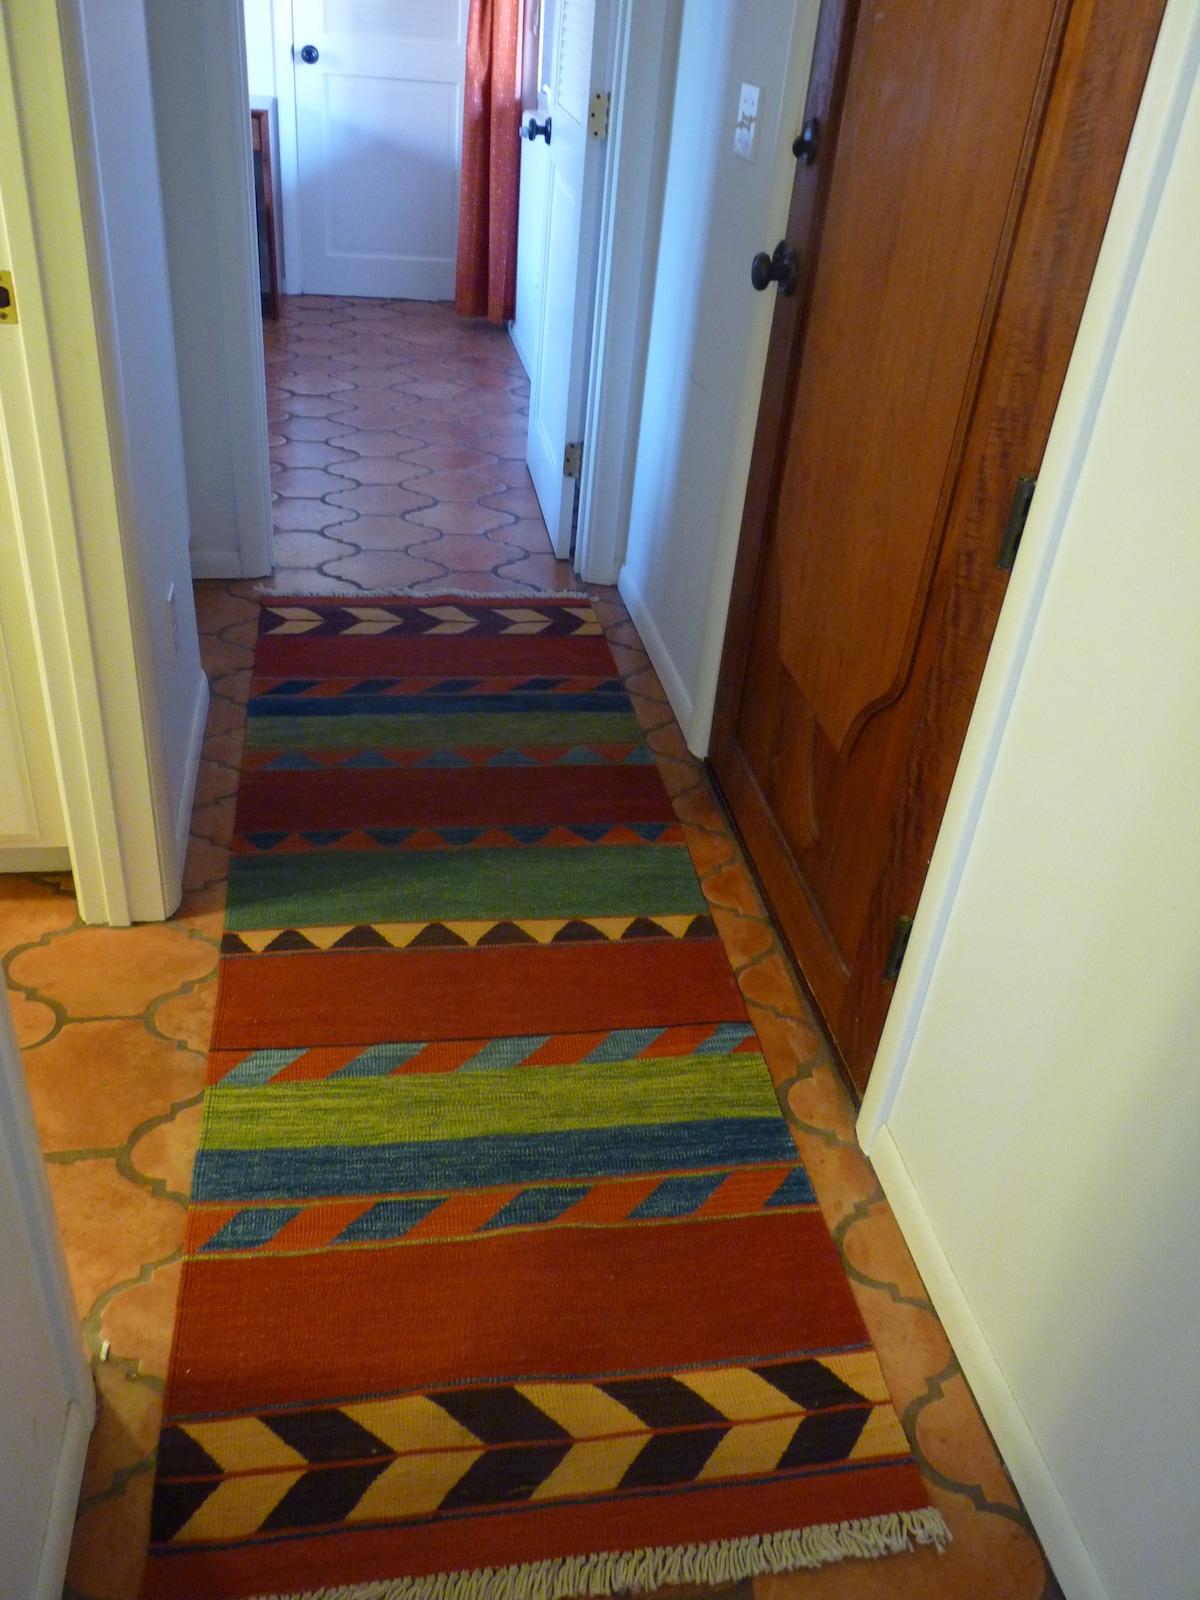 hallway between bedrooms